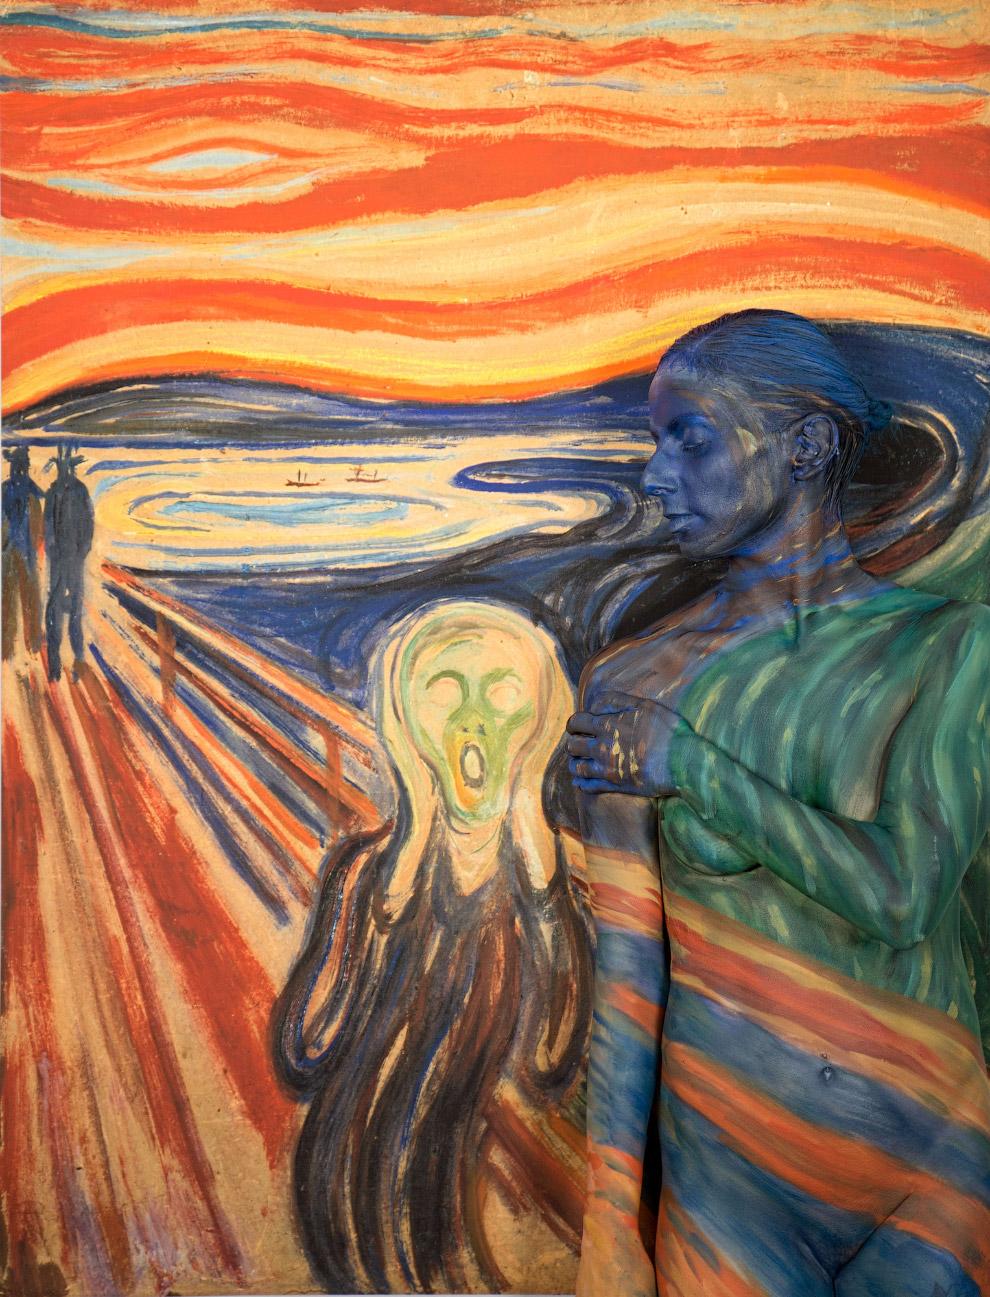 Картина «Крик» Эдварда Мунка